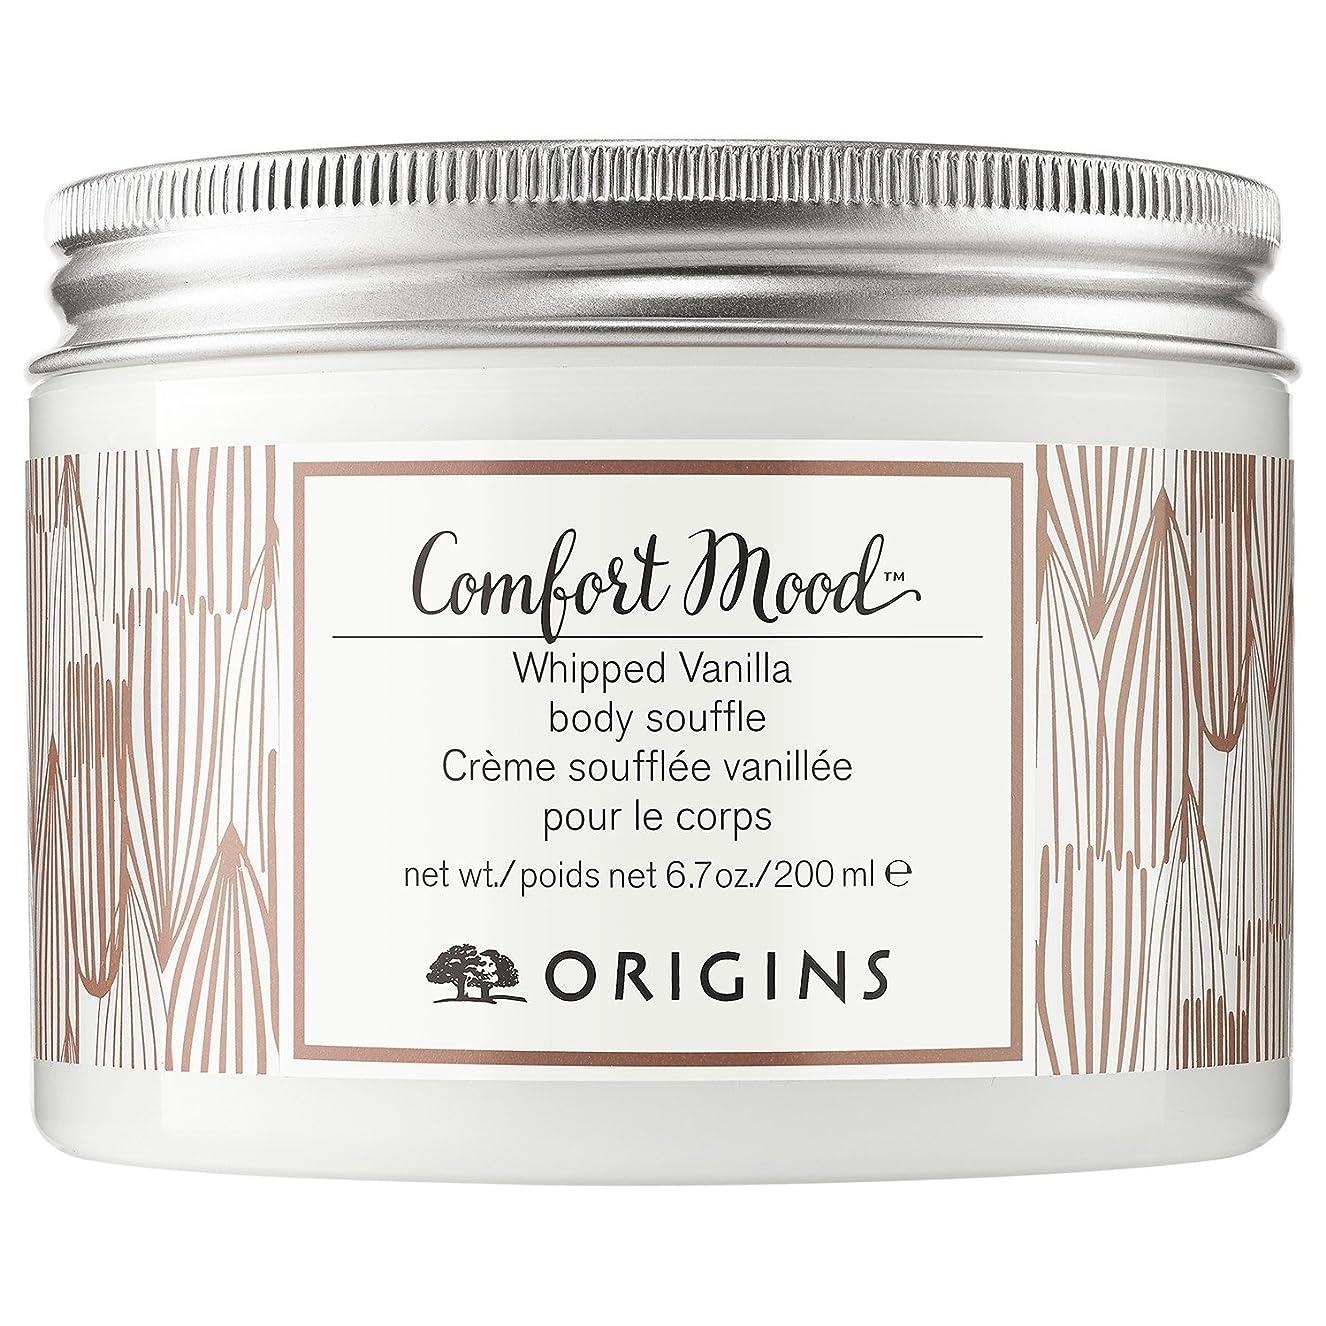 ブロッサム時刻表重要性起源の快適な気分ホイップバニラボディスフレ200ミリリットル (Origins) (x6) - Origins Comfort Mood Whipped Vanilla Body Souffle 200ml (Pack of 6) [並行輸入品]